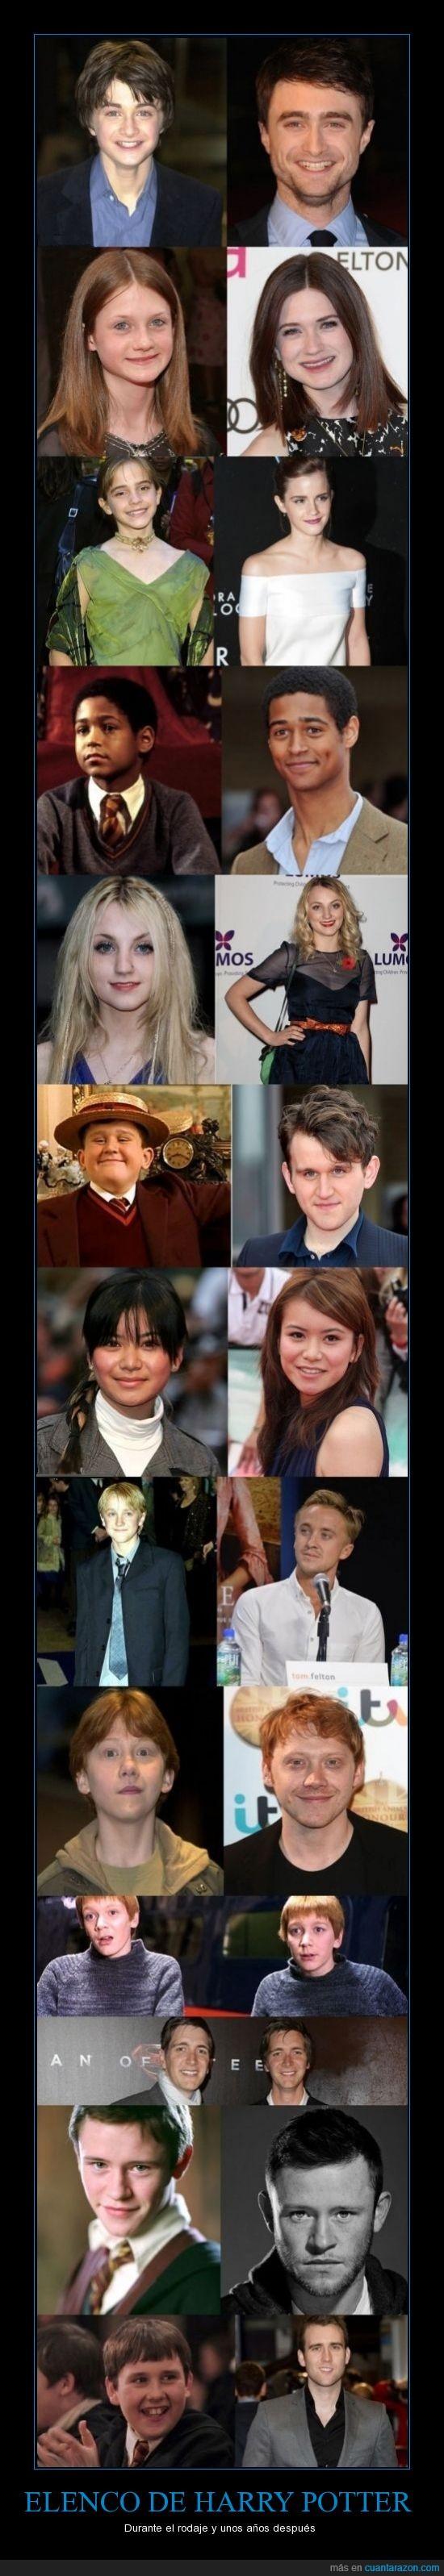 actores,adolescencia,crecer,después,durante,Harry Potter,pelicula